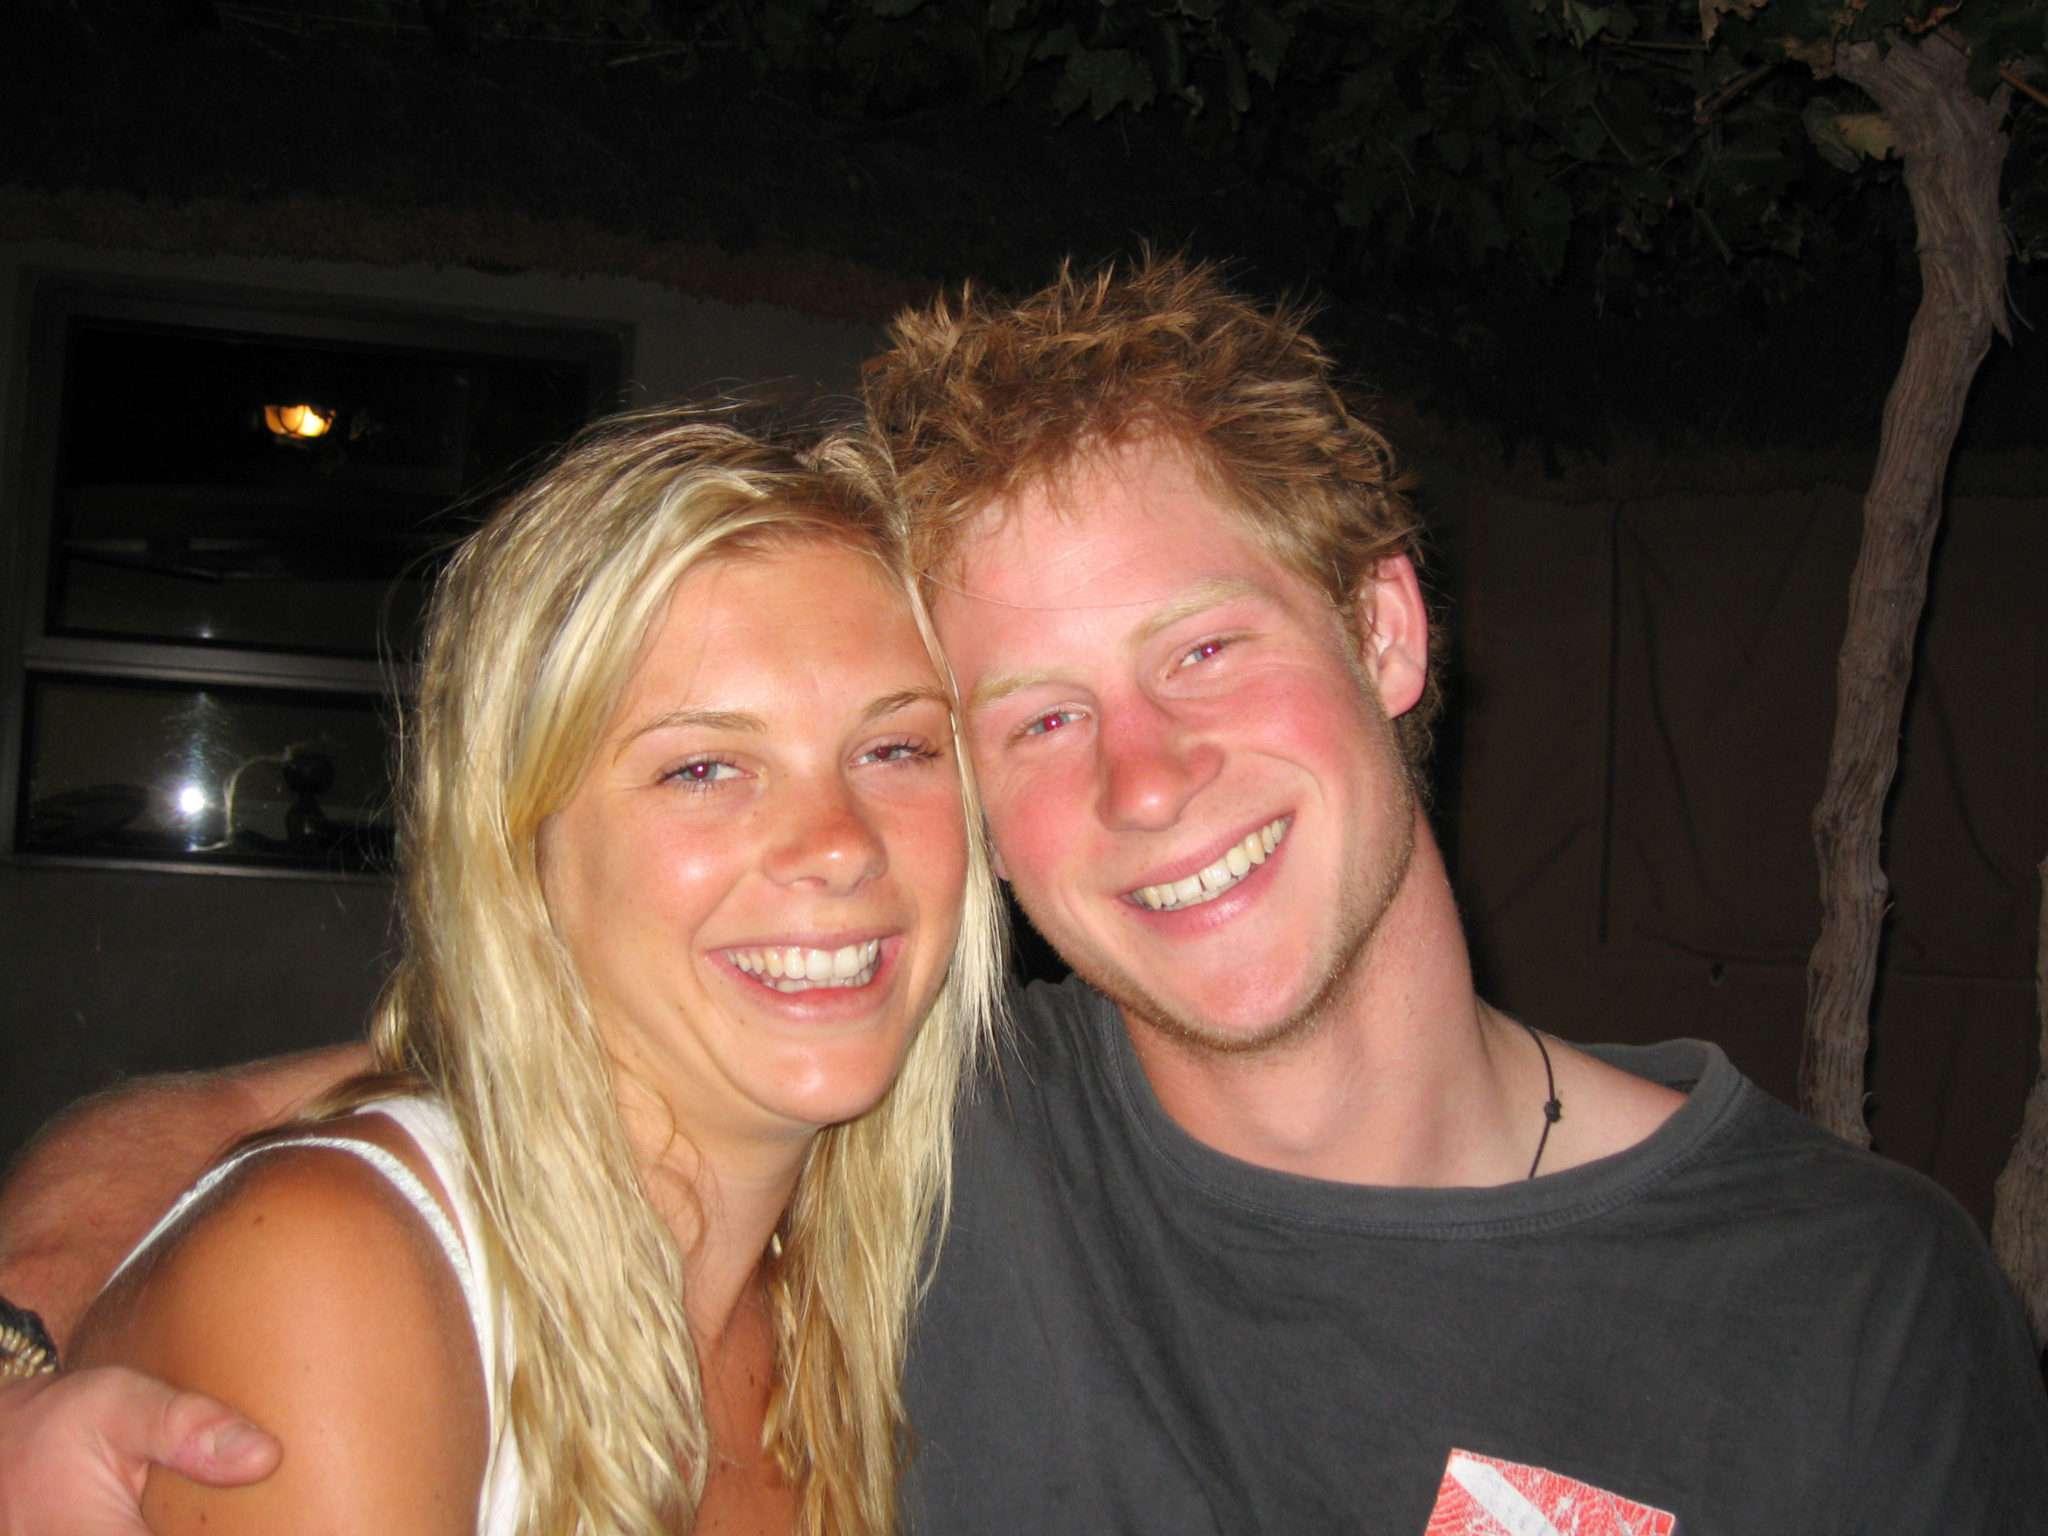 Książę Harry i Chelsy w młodości 2009 rok